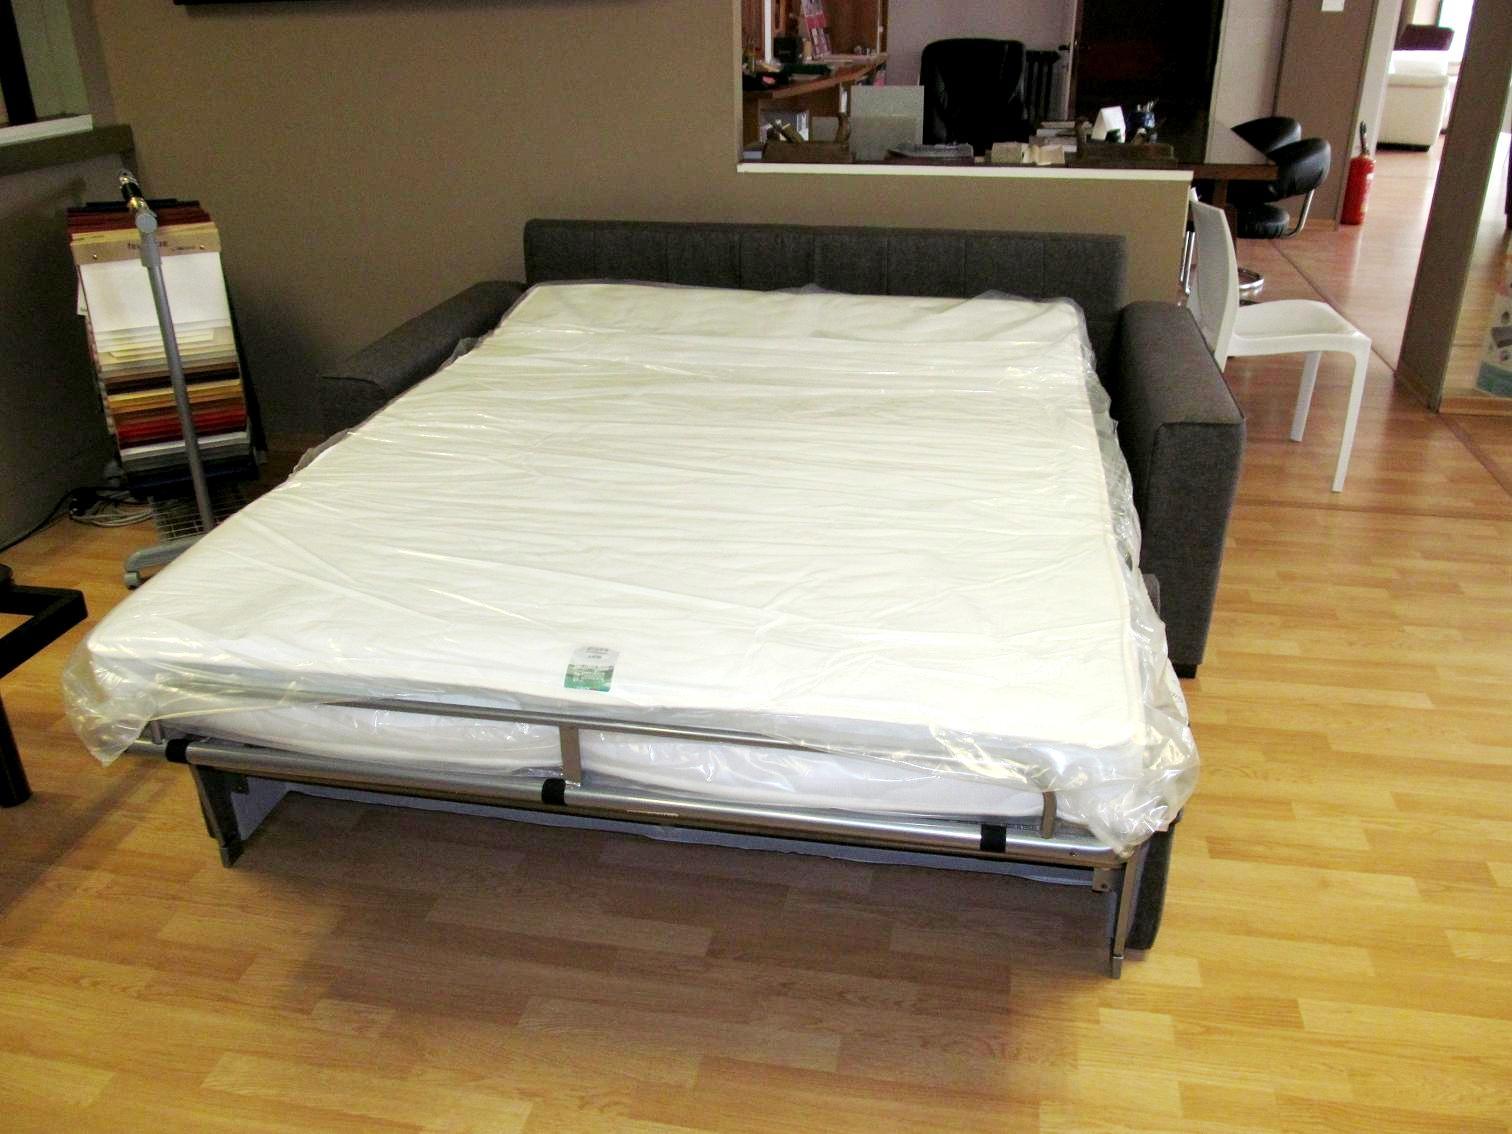 Divani letto in tessuto scontato del 33 divani a prezzi scontati - Divano angolare prezzo basso ...